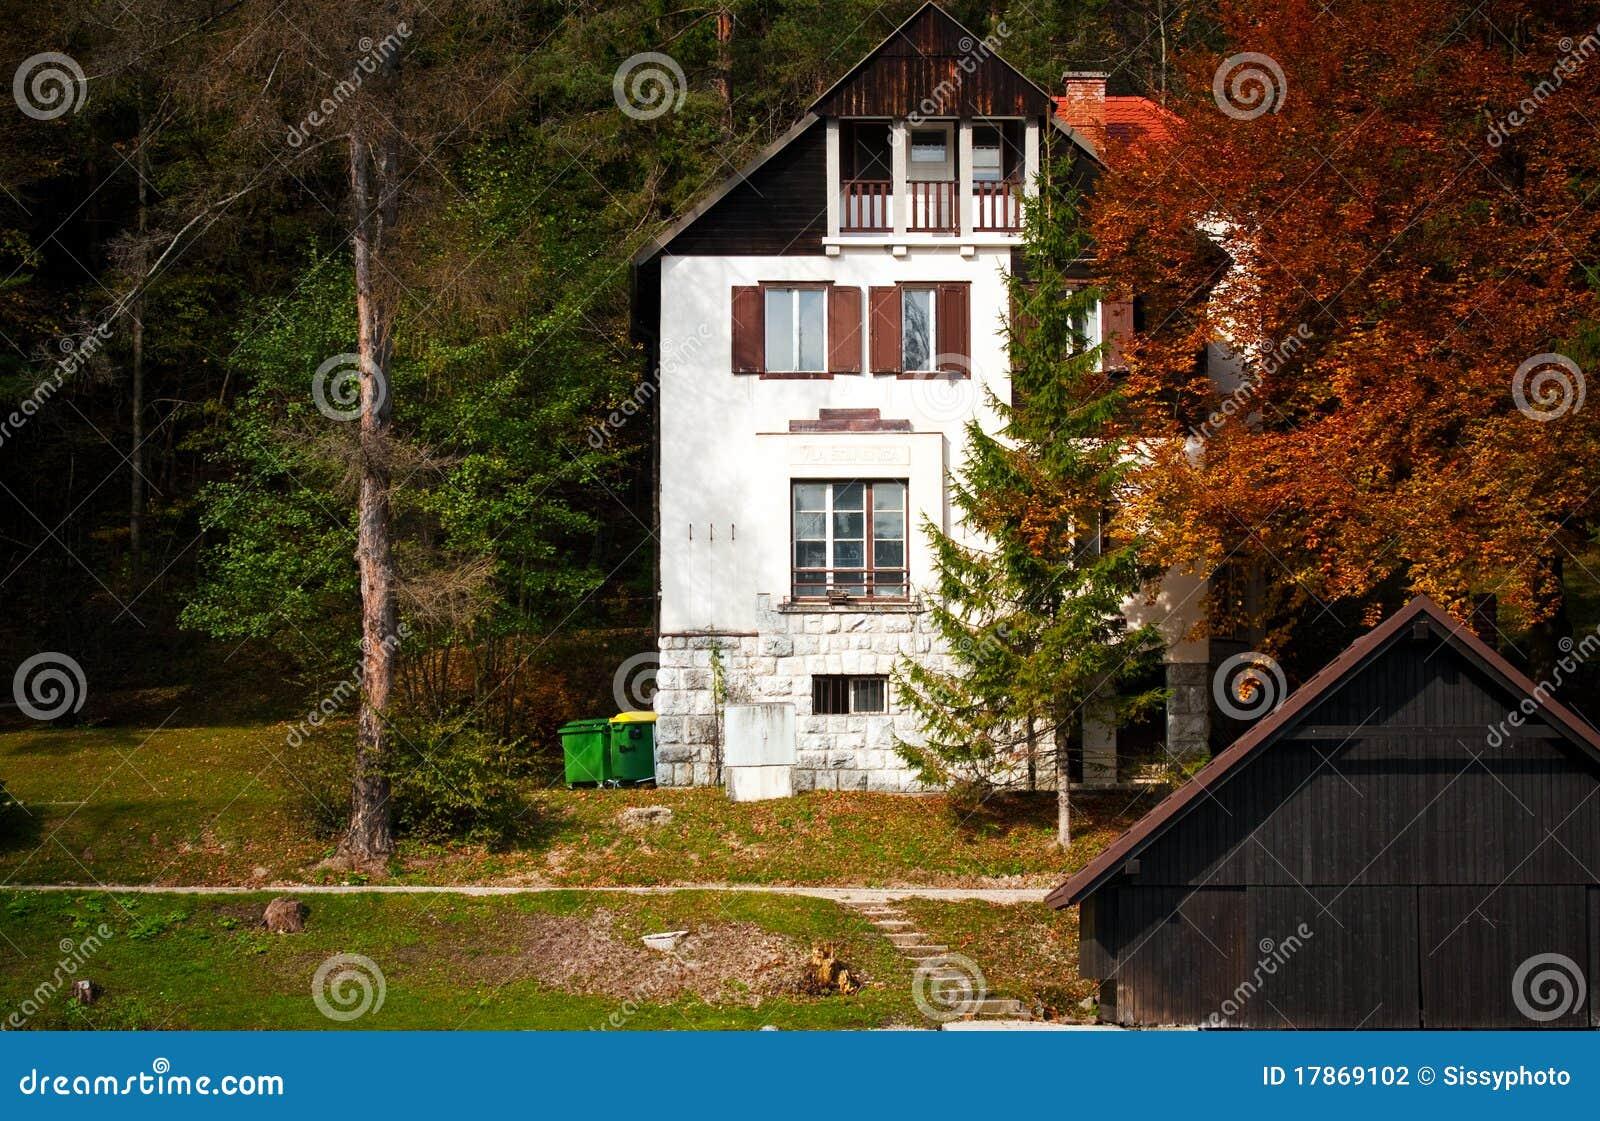 Petite maison de campagne photographie stock image 17869102 - Petite maison de campagne ...